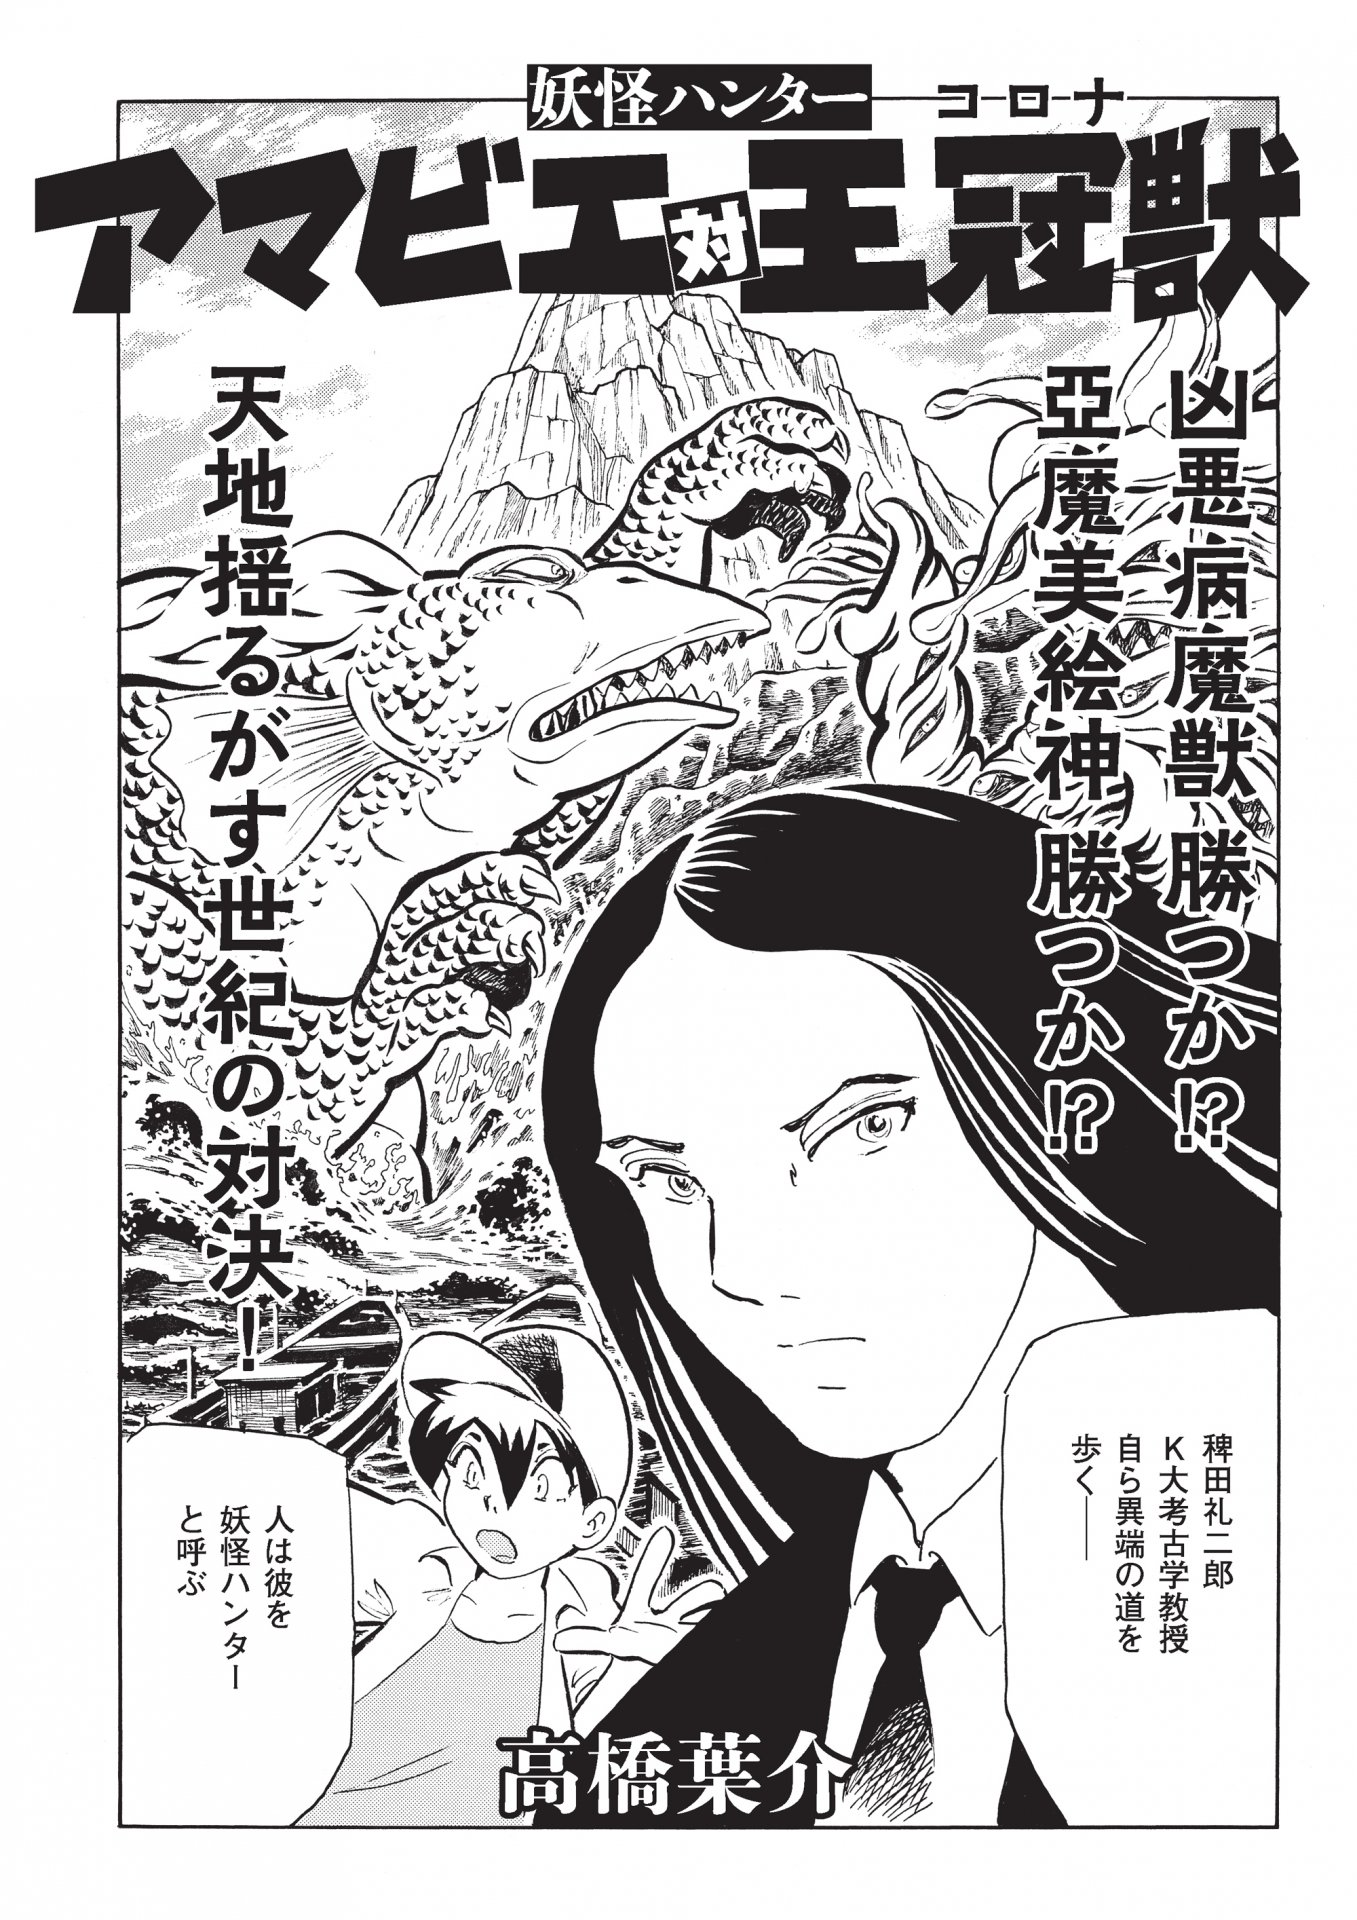 『諸星大二郎トリビュート』 9月7日発売